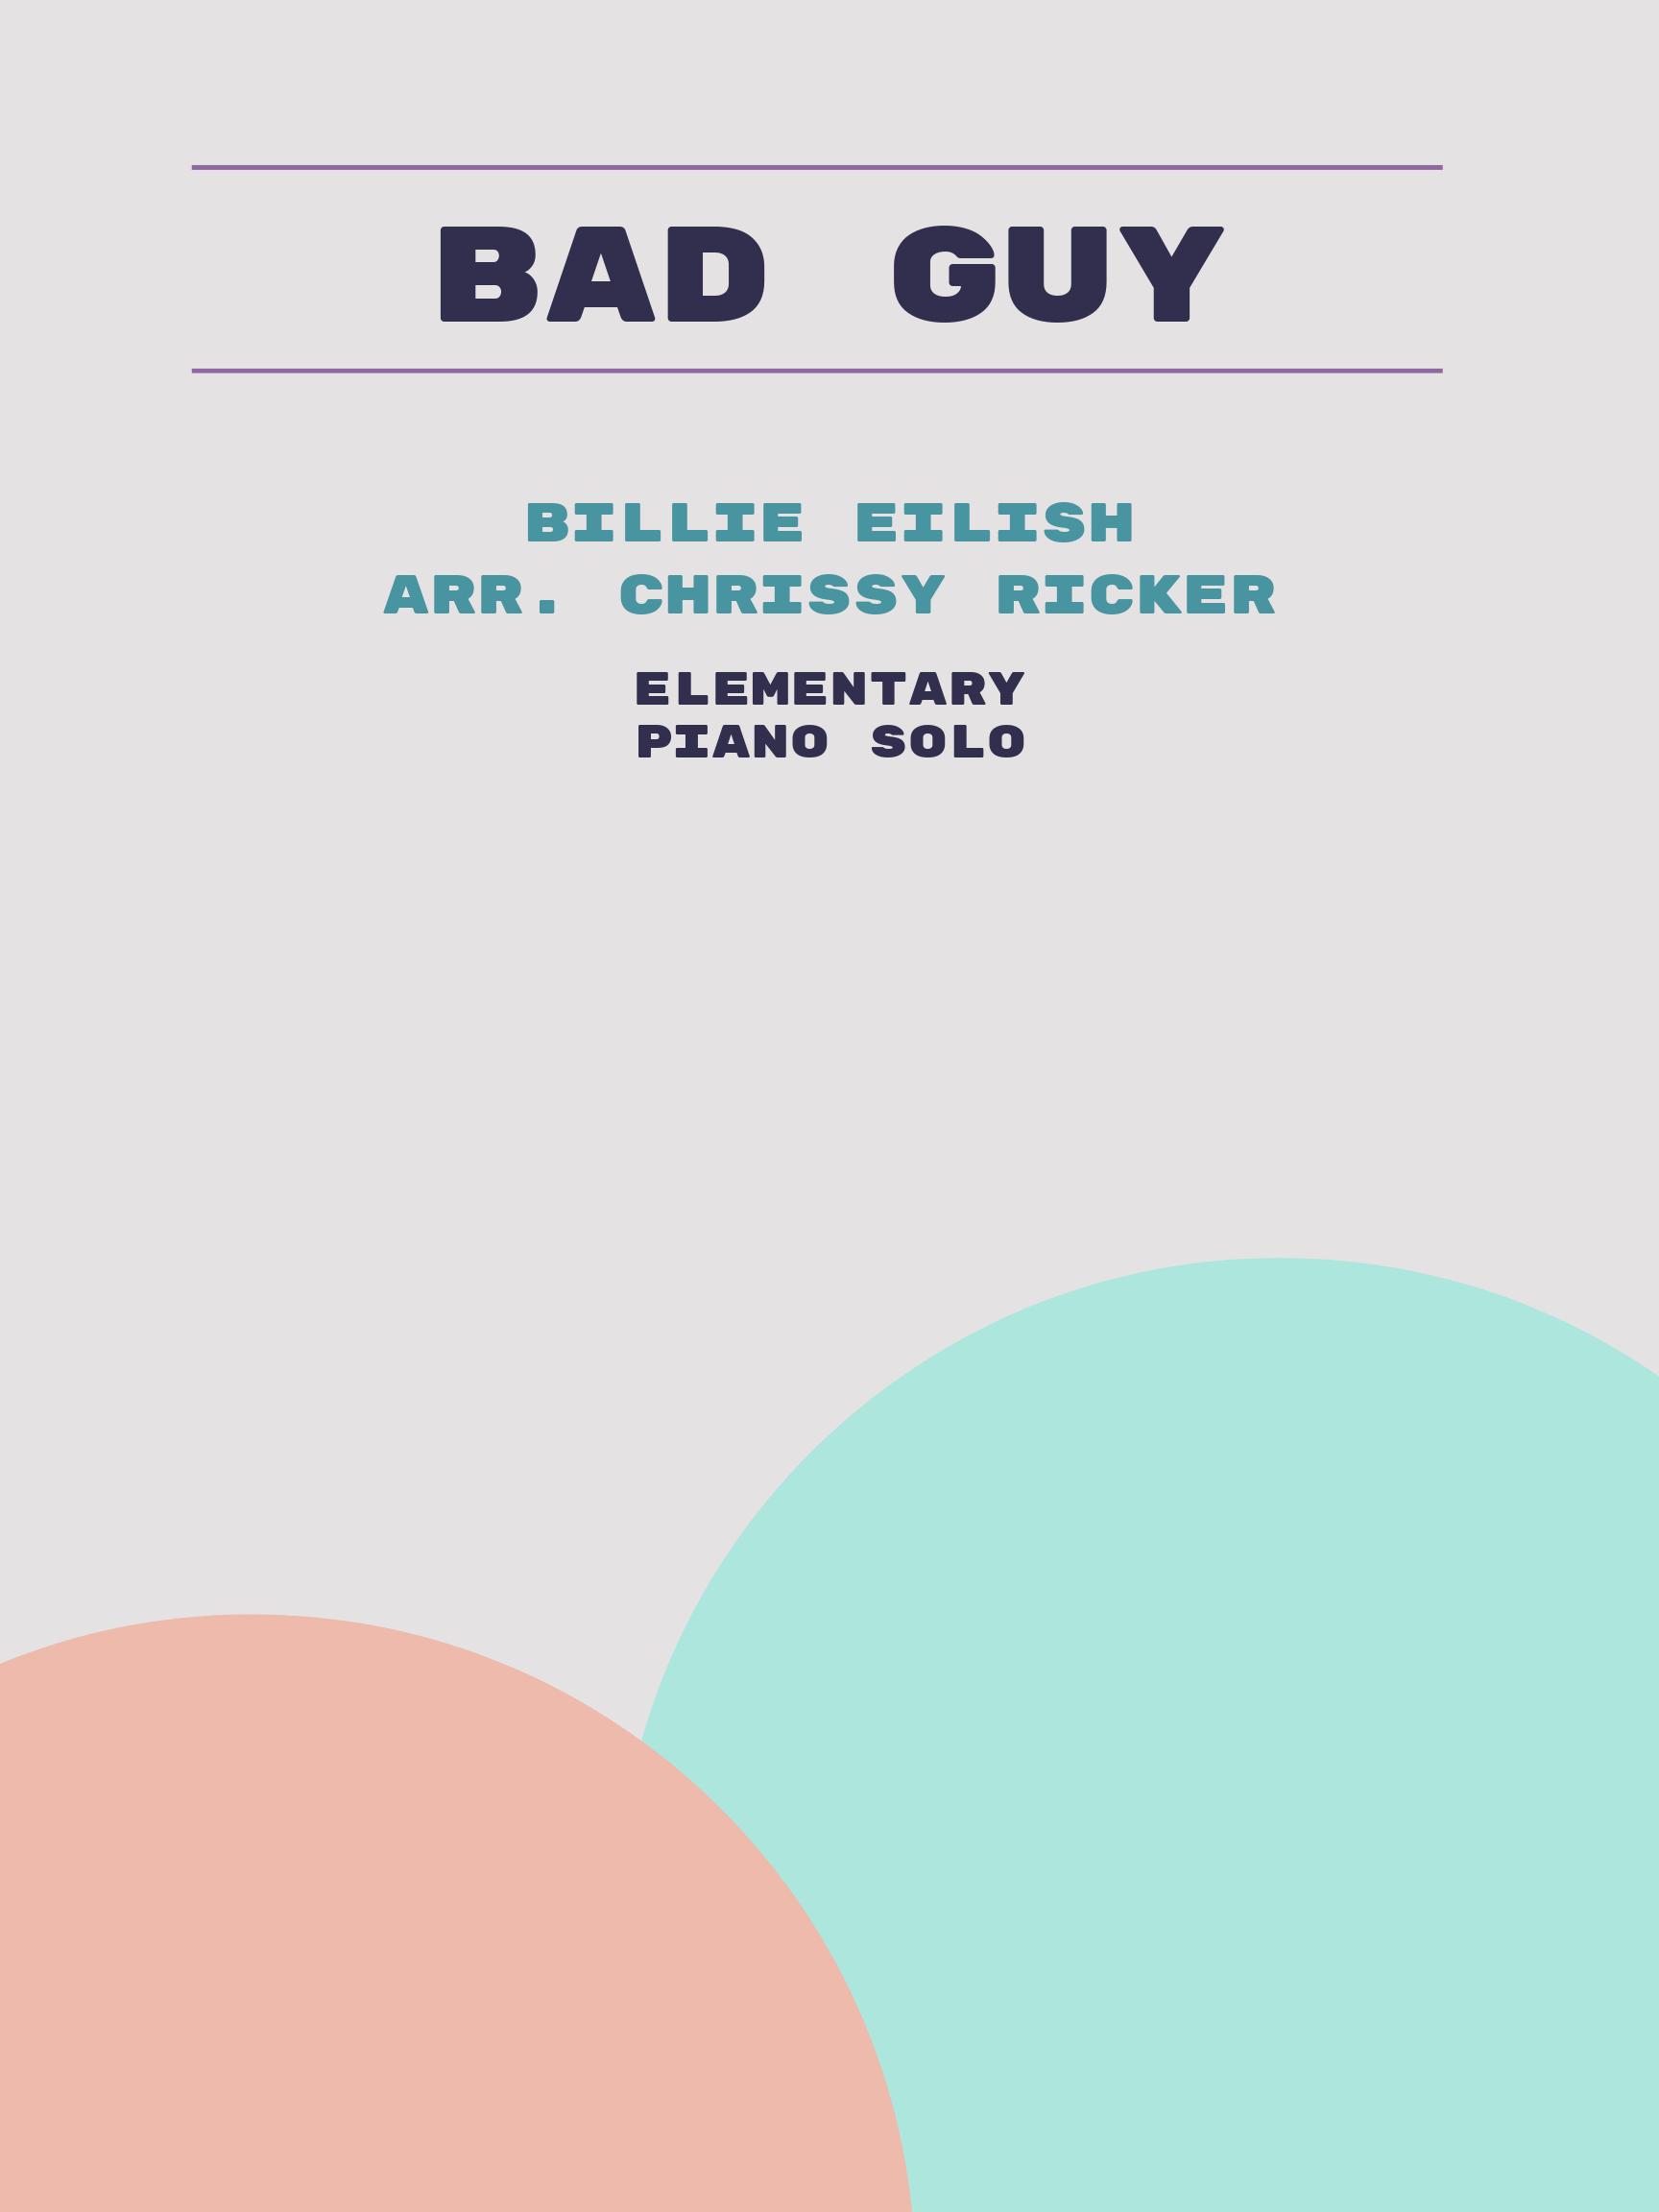 bad guy by Billie Eilish